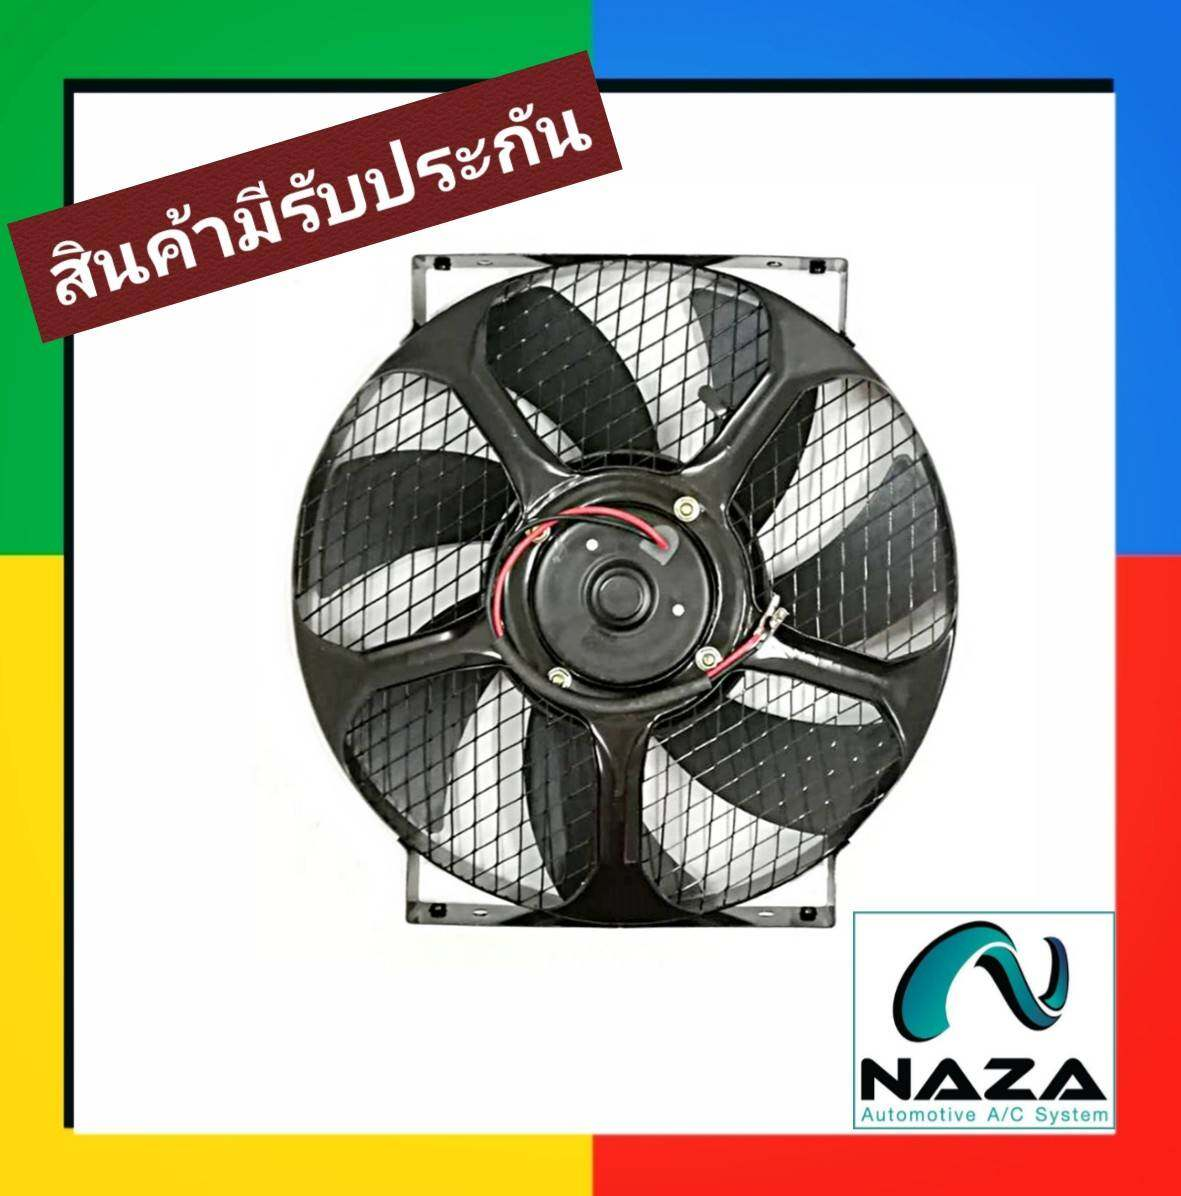 พัดลม ระบายความร้อน 10 นิ้ว โครงเหล็ก 24v (แบบดูด) Cooling Fan พัดลมระบายความร้อน แผงคอล์ยร้อนแอร์ 10  7 ใบ หนา 24โวล ตระแกรงเหล็ก พัดลมเป่าแผงคอล์ยร้อนแอร์  ดูดควัน ดัดแปลง พัดลมแผงร้อน พัดลมหม้อน้ำ.